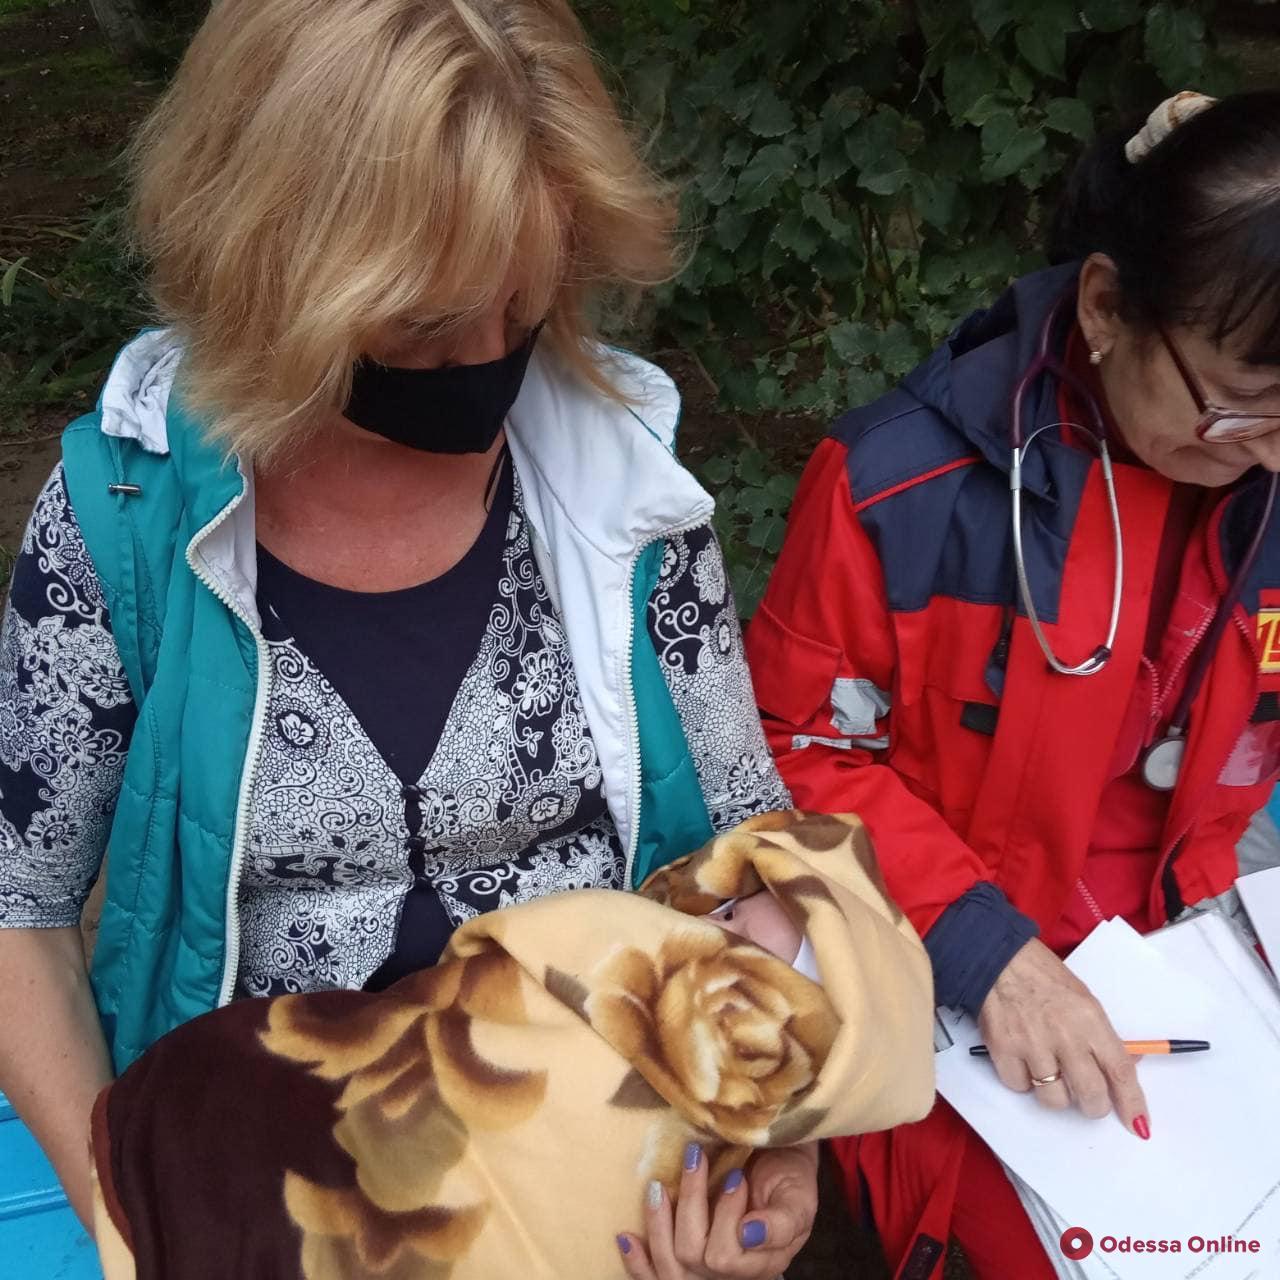 В доме антисанитария и тараканы: в Одессе новорожденного ребенка забрали у горе-матери